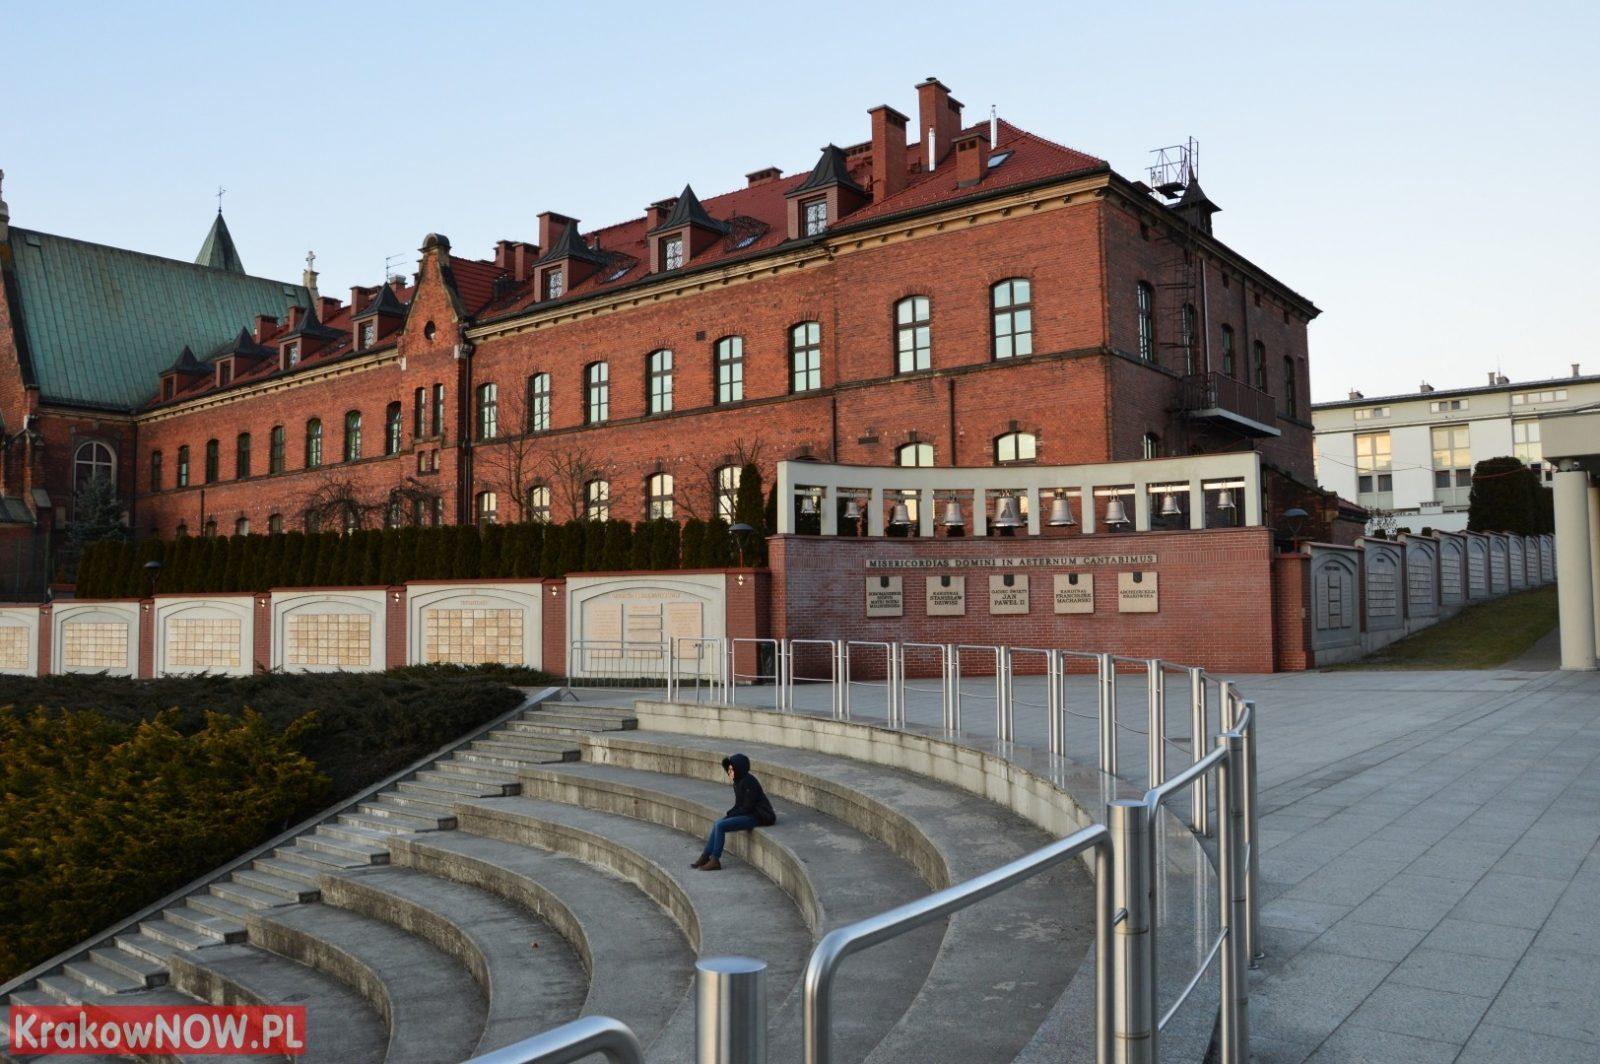 sanktuarium bozego milosierdzia krakow lagiewniki 37 - Children time to make something